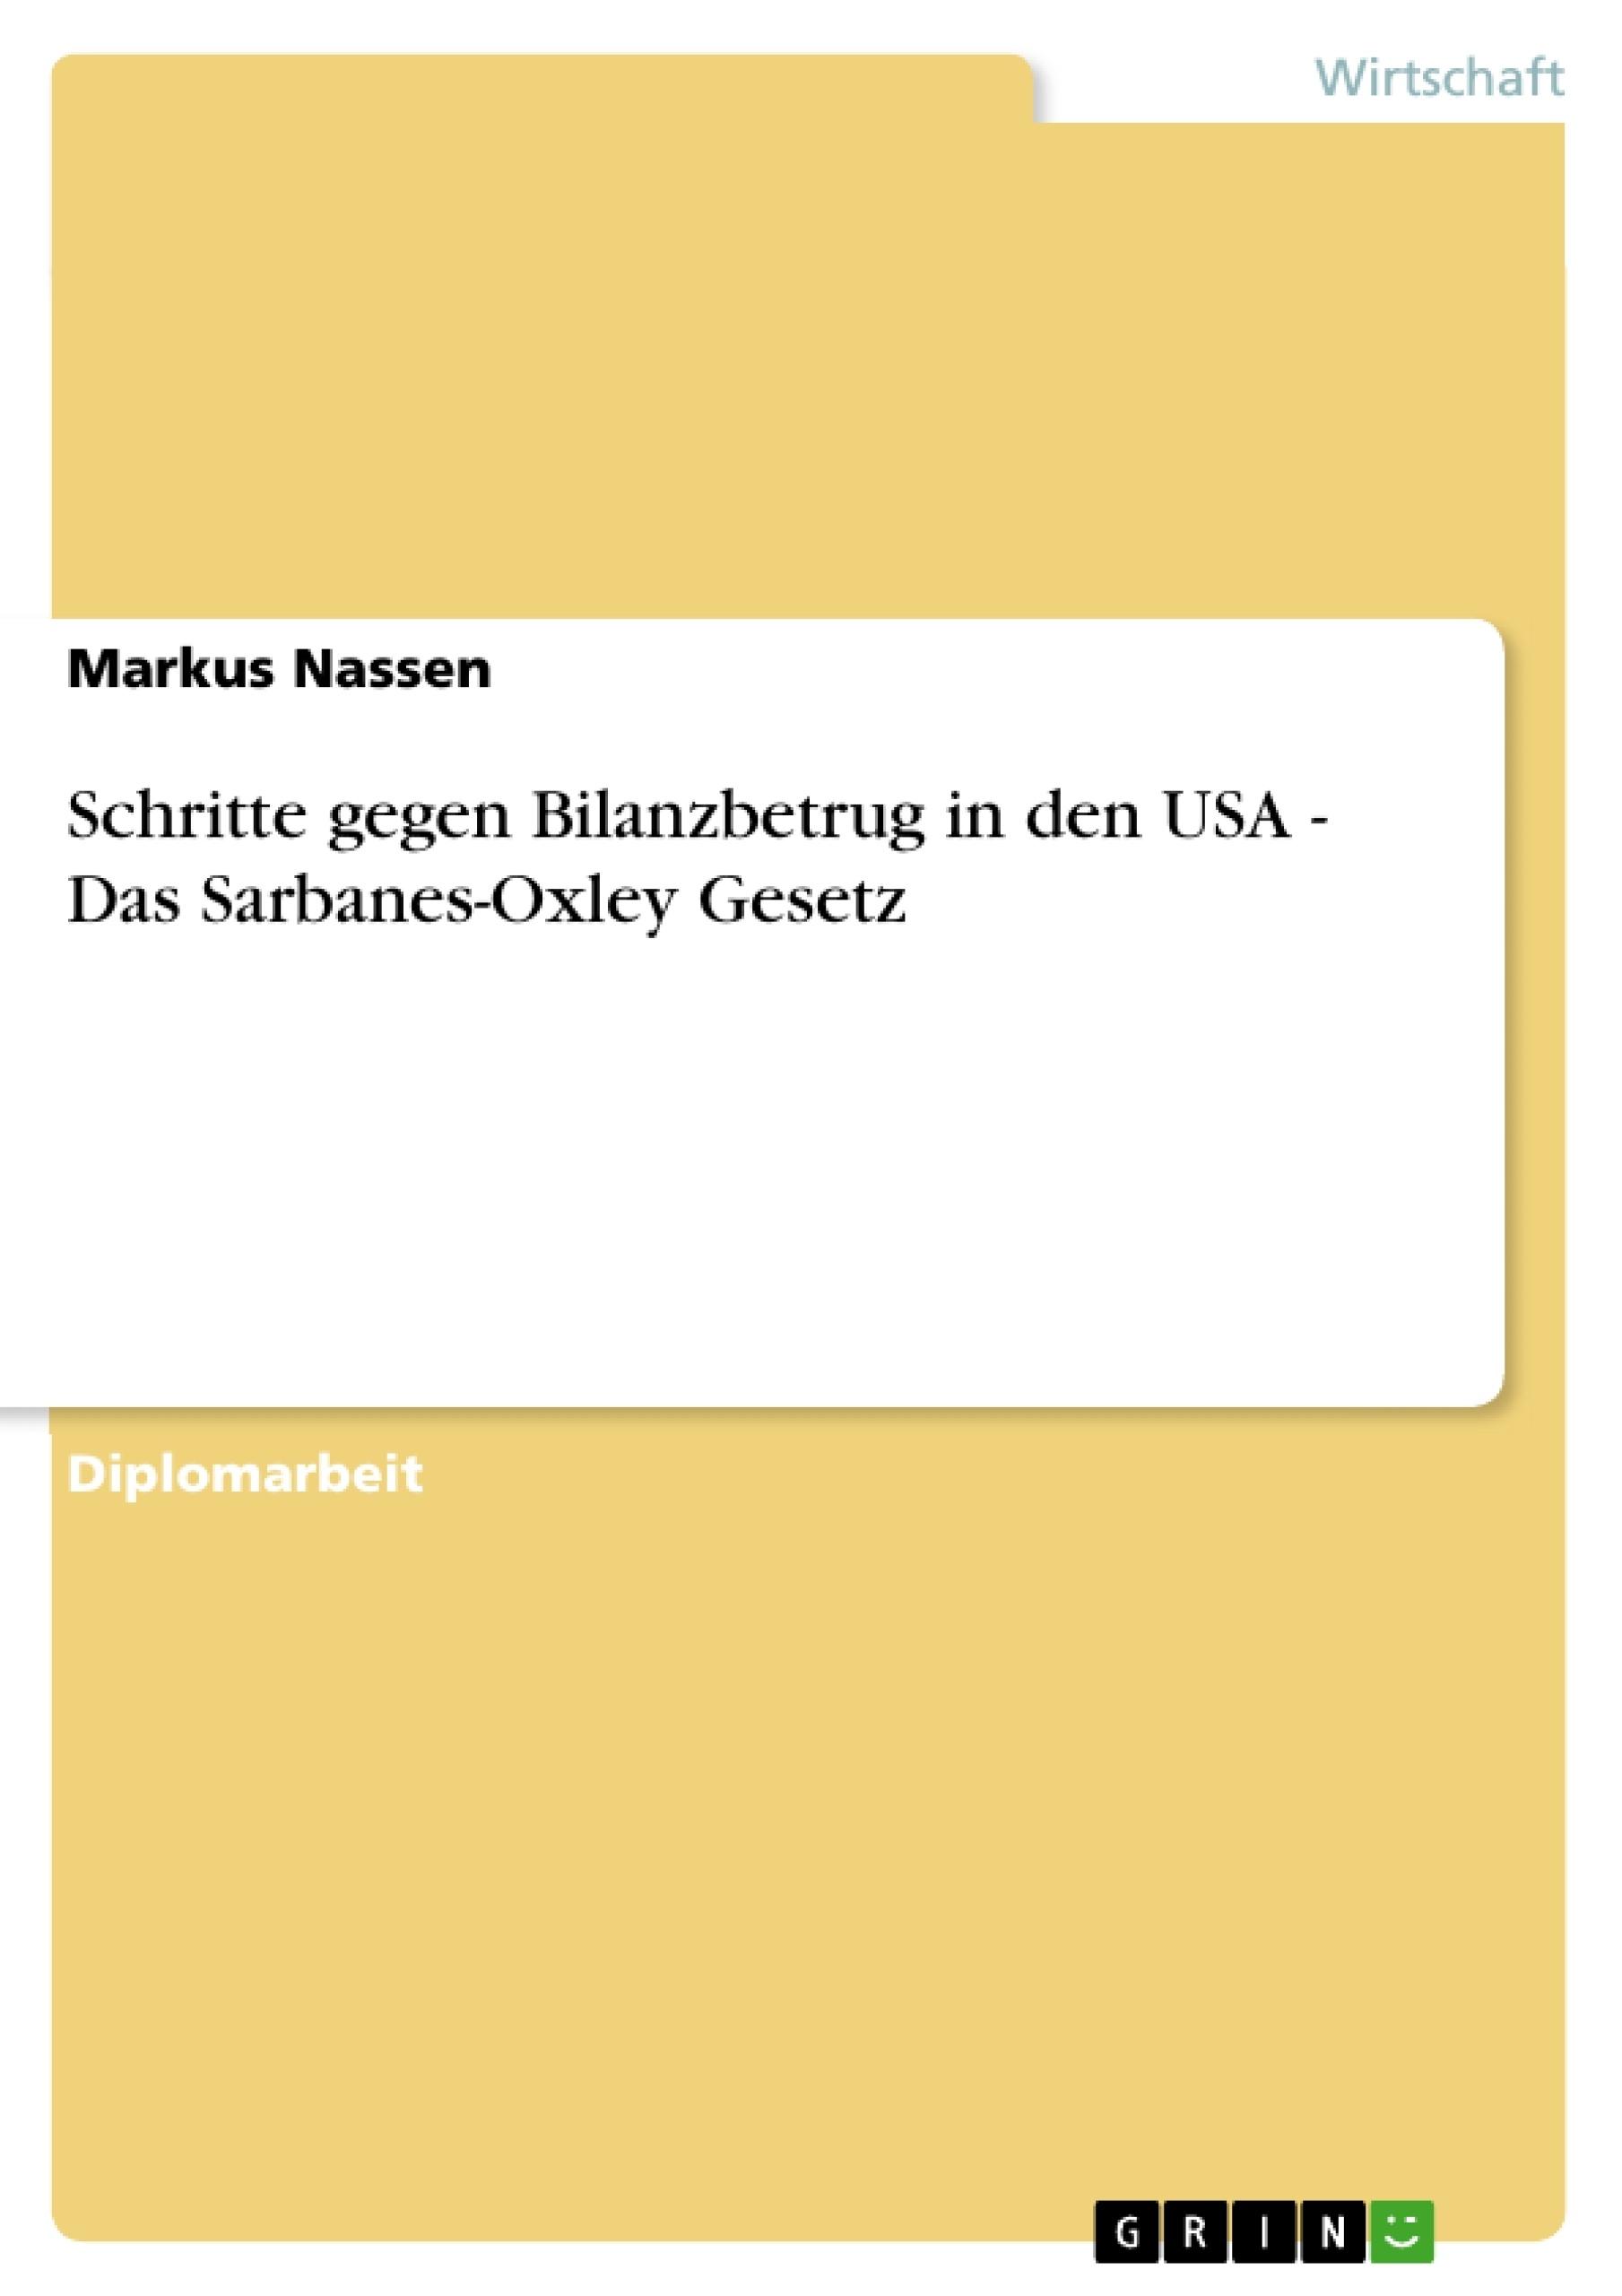 Titel: Schritte gegen Bilanzbetrug in den USA - Das Sarbanes-Oxley Gesetz